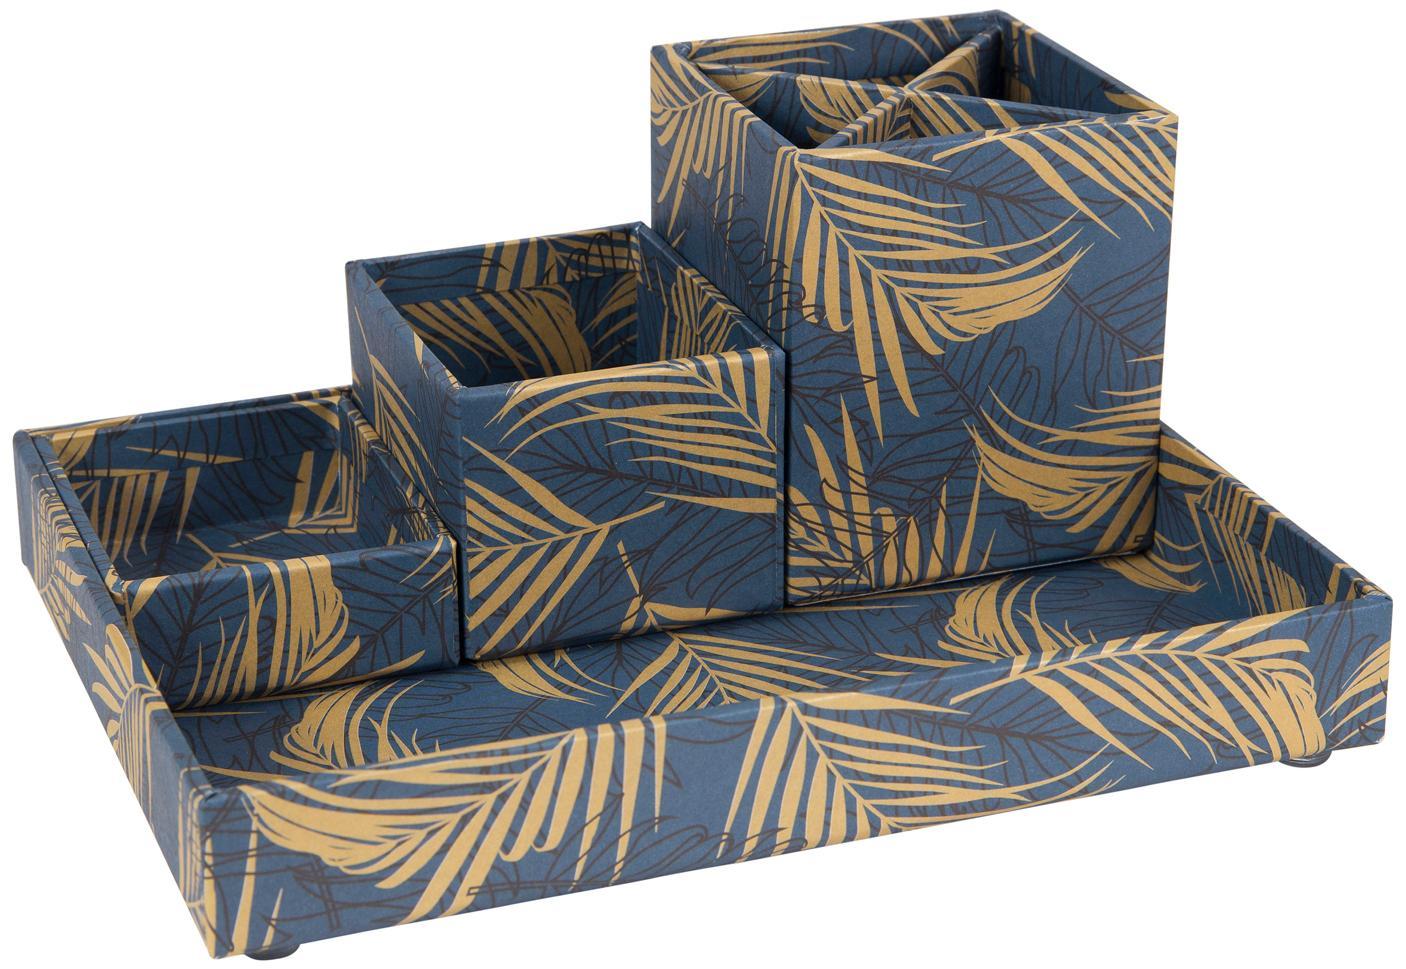 Büro-Organizer-Set Lena, 4-tlg., fester, laminierter Karton, Goldfarben, Graublau, Set mit verschiedenen Grössen